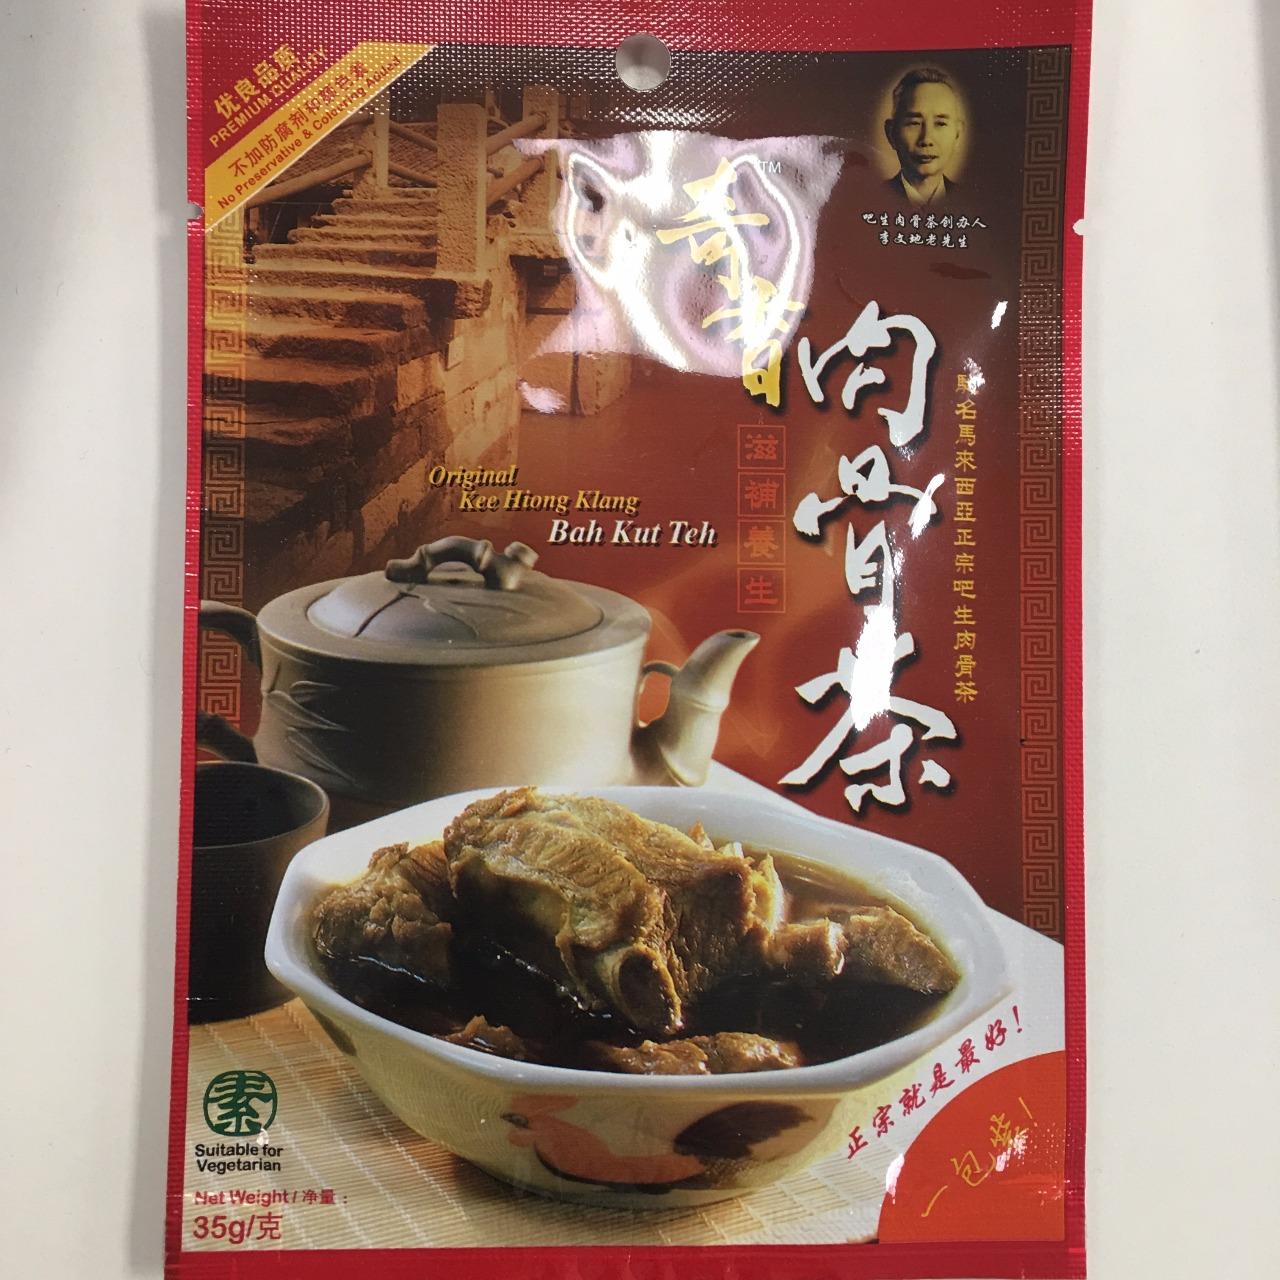 大馬人氣No.1 奇香肉骨茶 正宗吧生肉骨茶 - 華人生鮮第一站